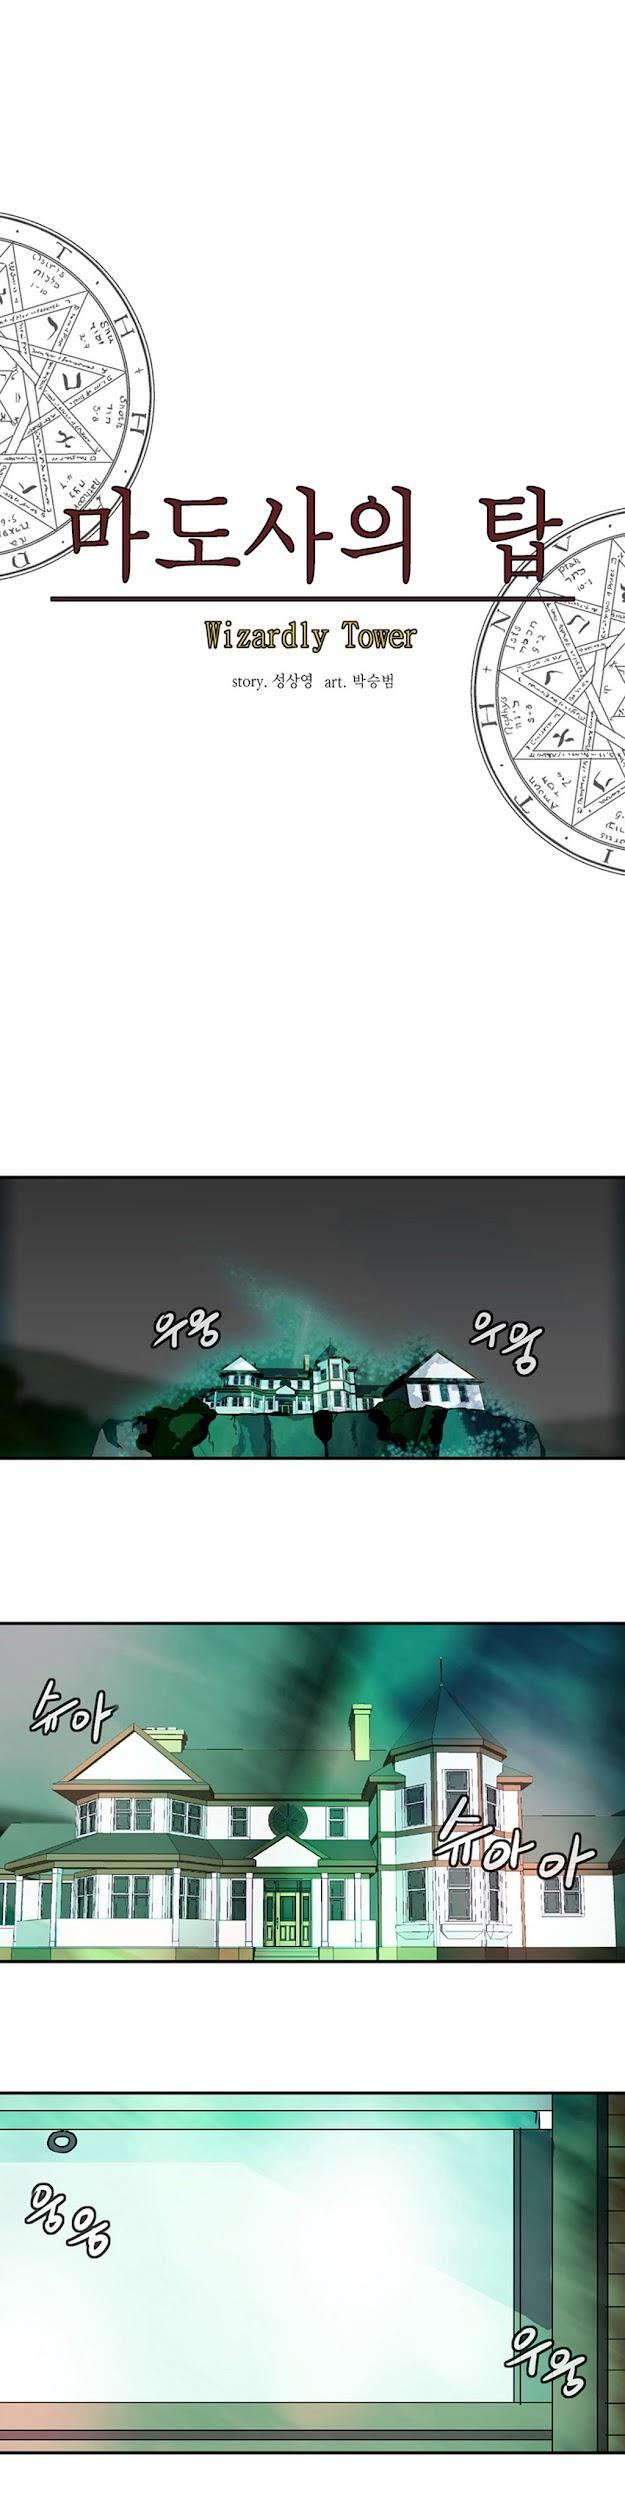 Dilarang COPAS - situs resmi www.mangacanblog.com - Komik wizardly tower 032 - chapter 32 33 Indonesia wizardly tower 032 - chapter 32 Terbaru 14|Baca Manga Komik Indonesia|Mangacan